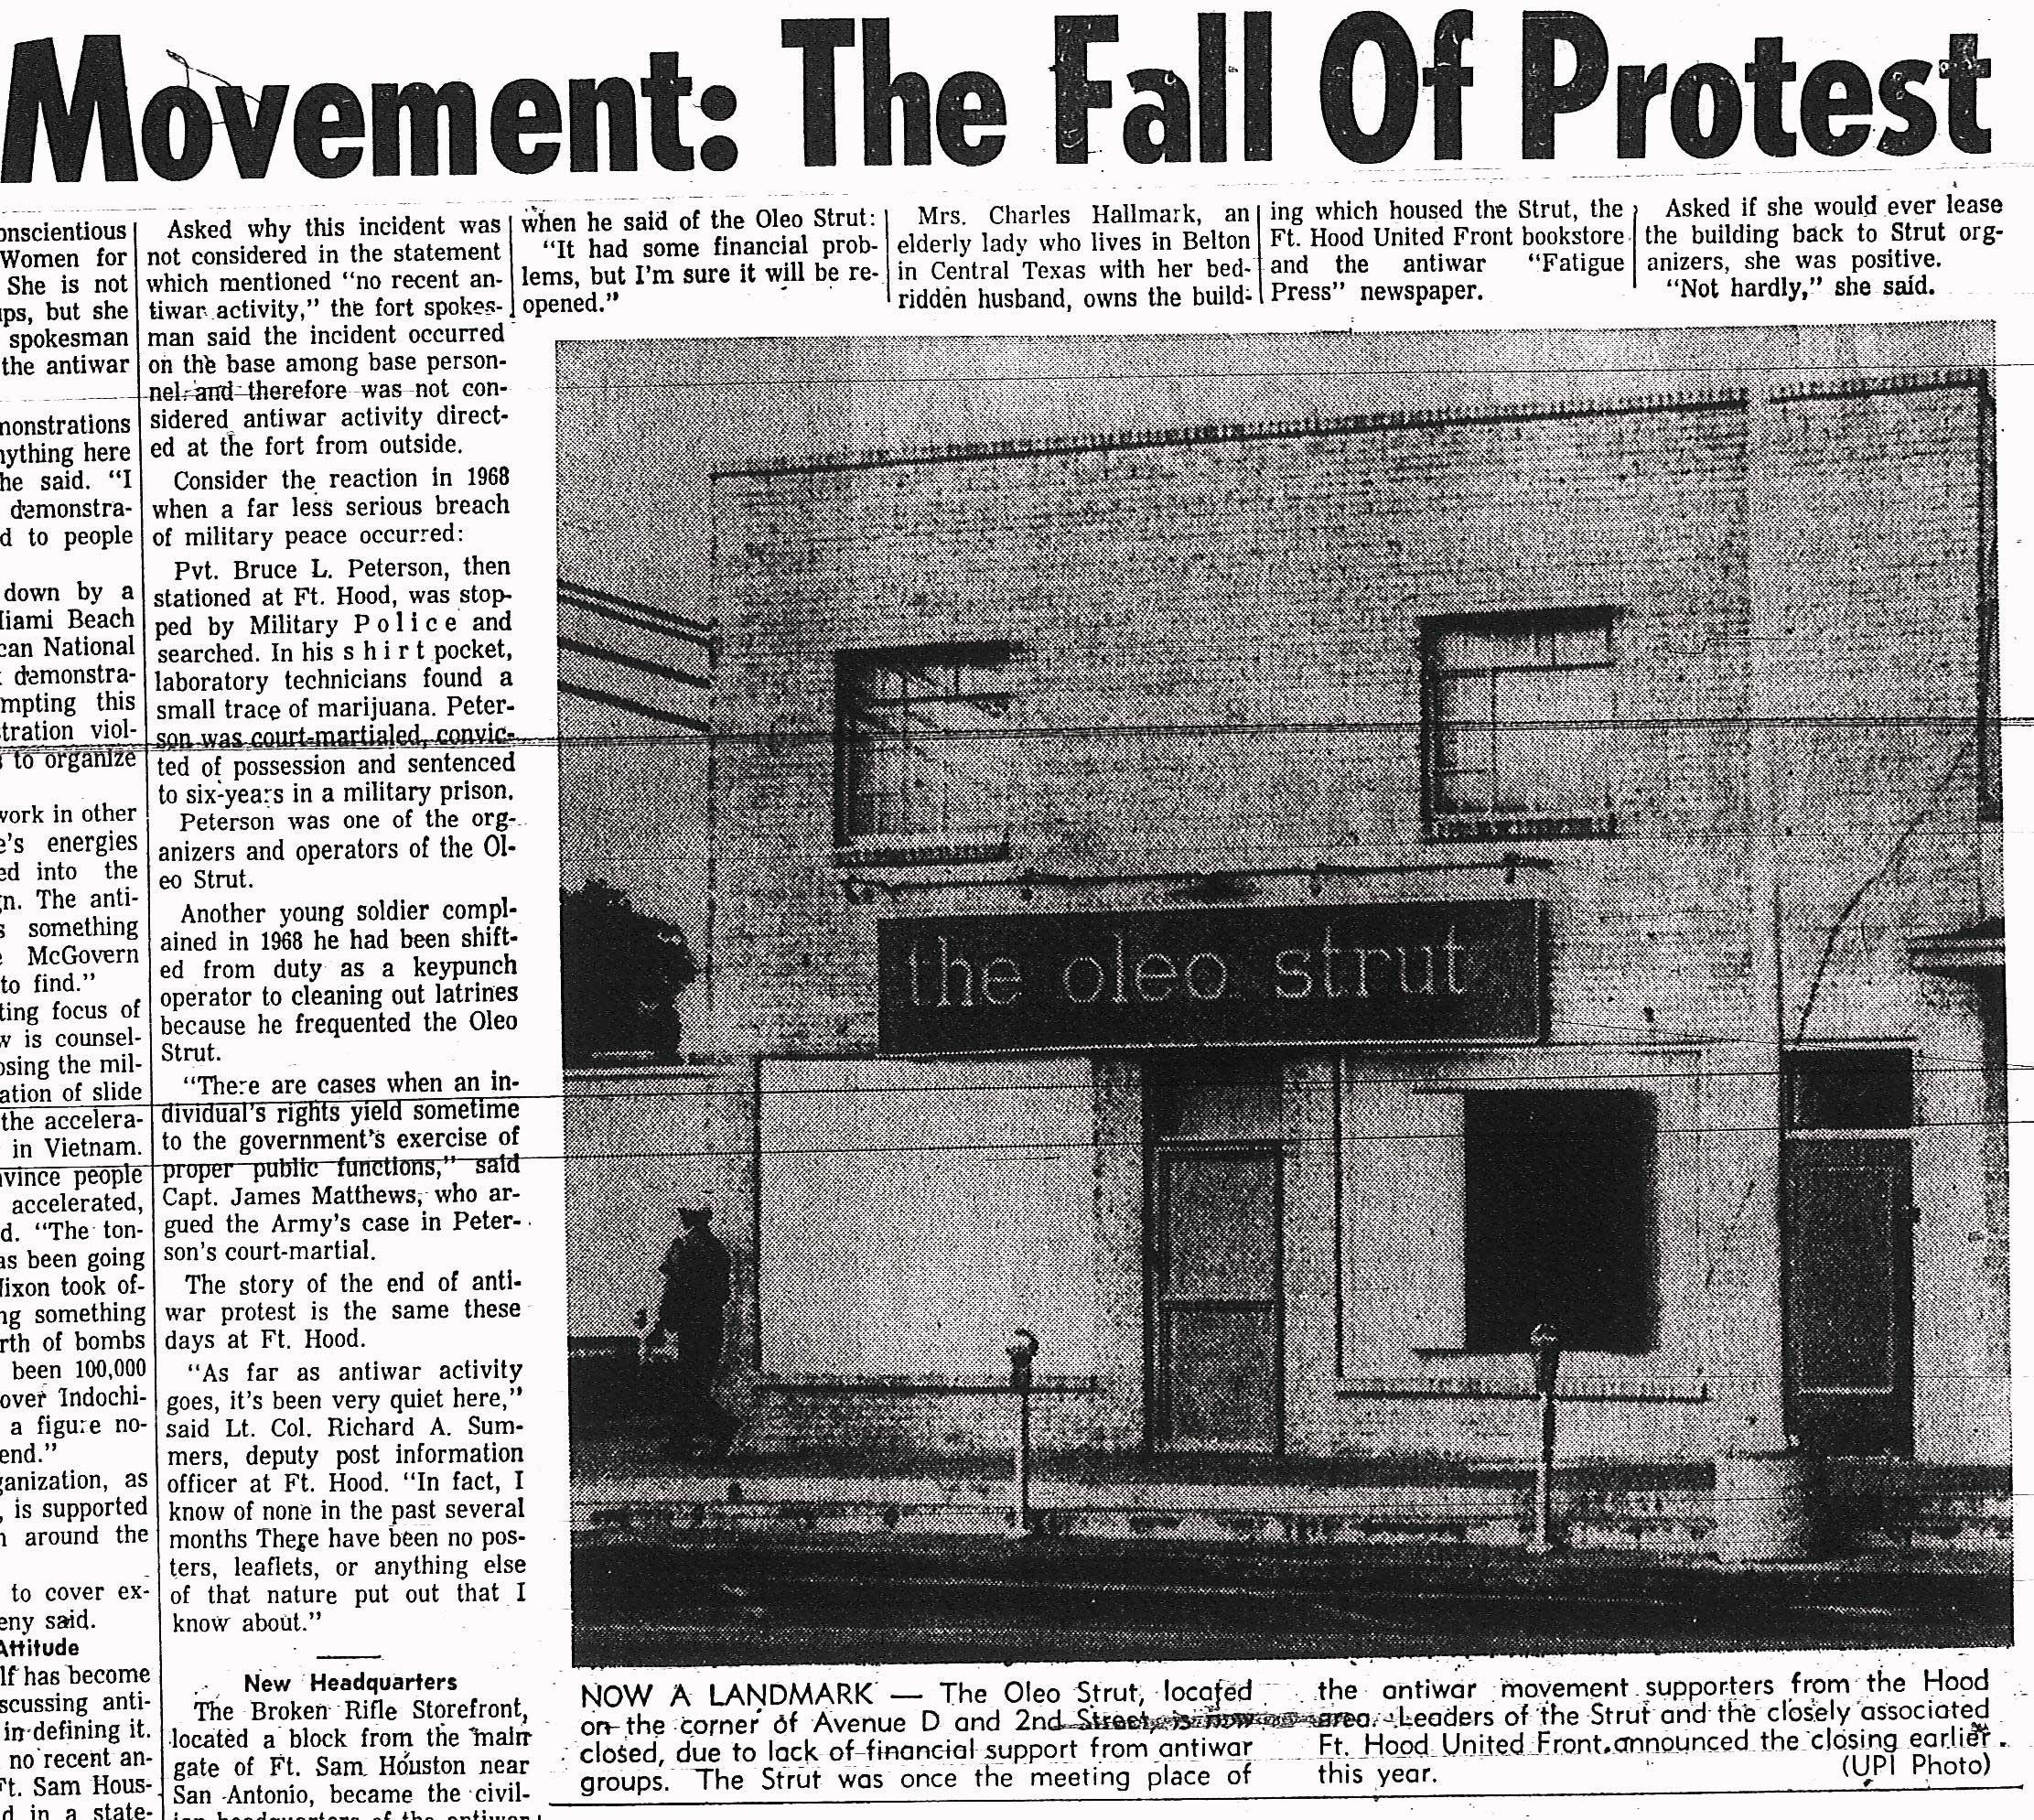 Newspaper clipping when Oleo Strut was shut down.